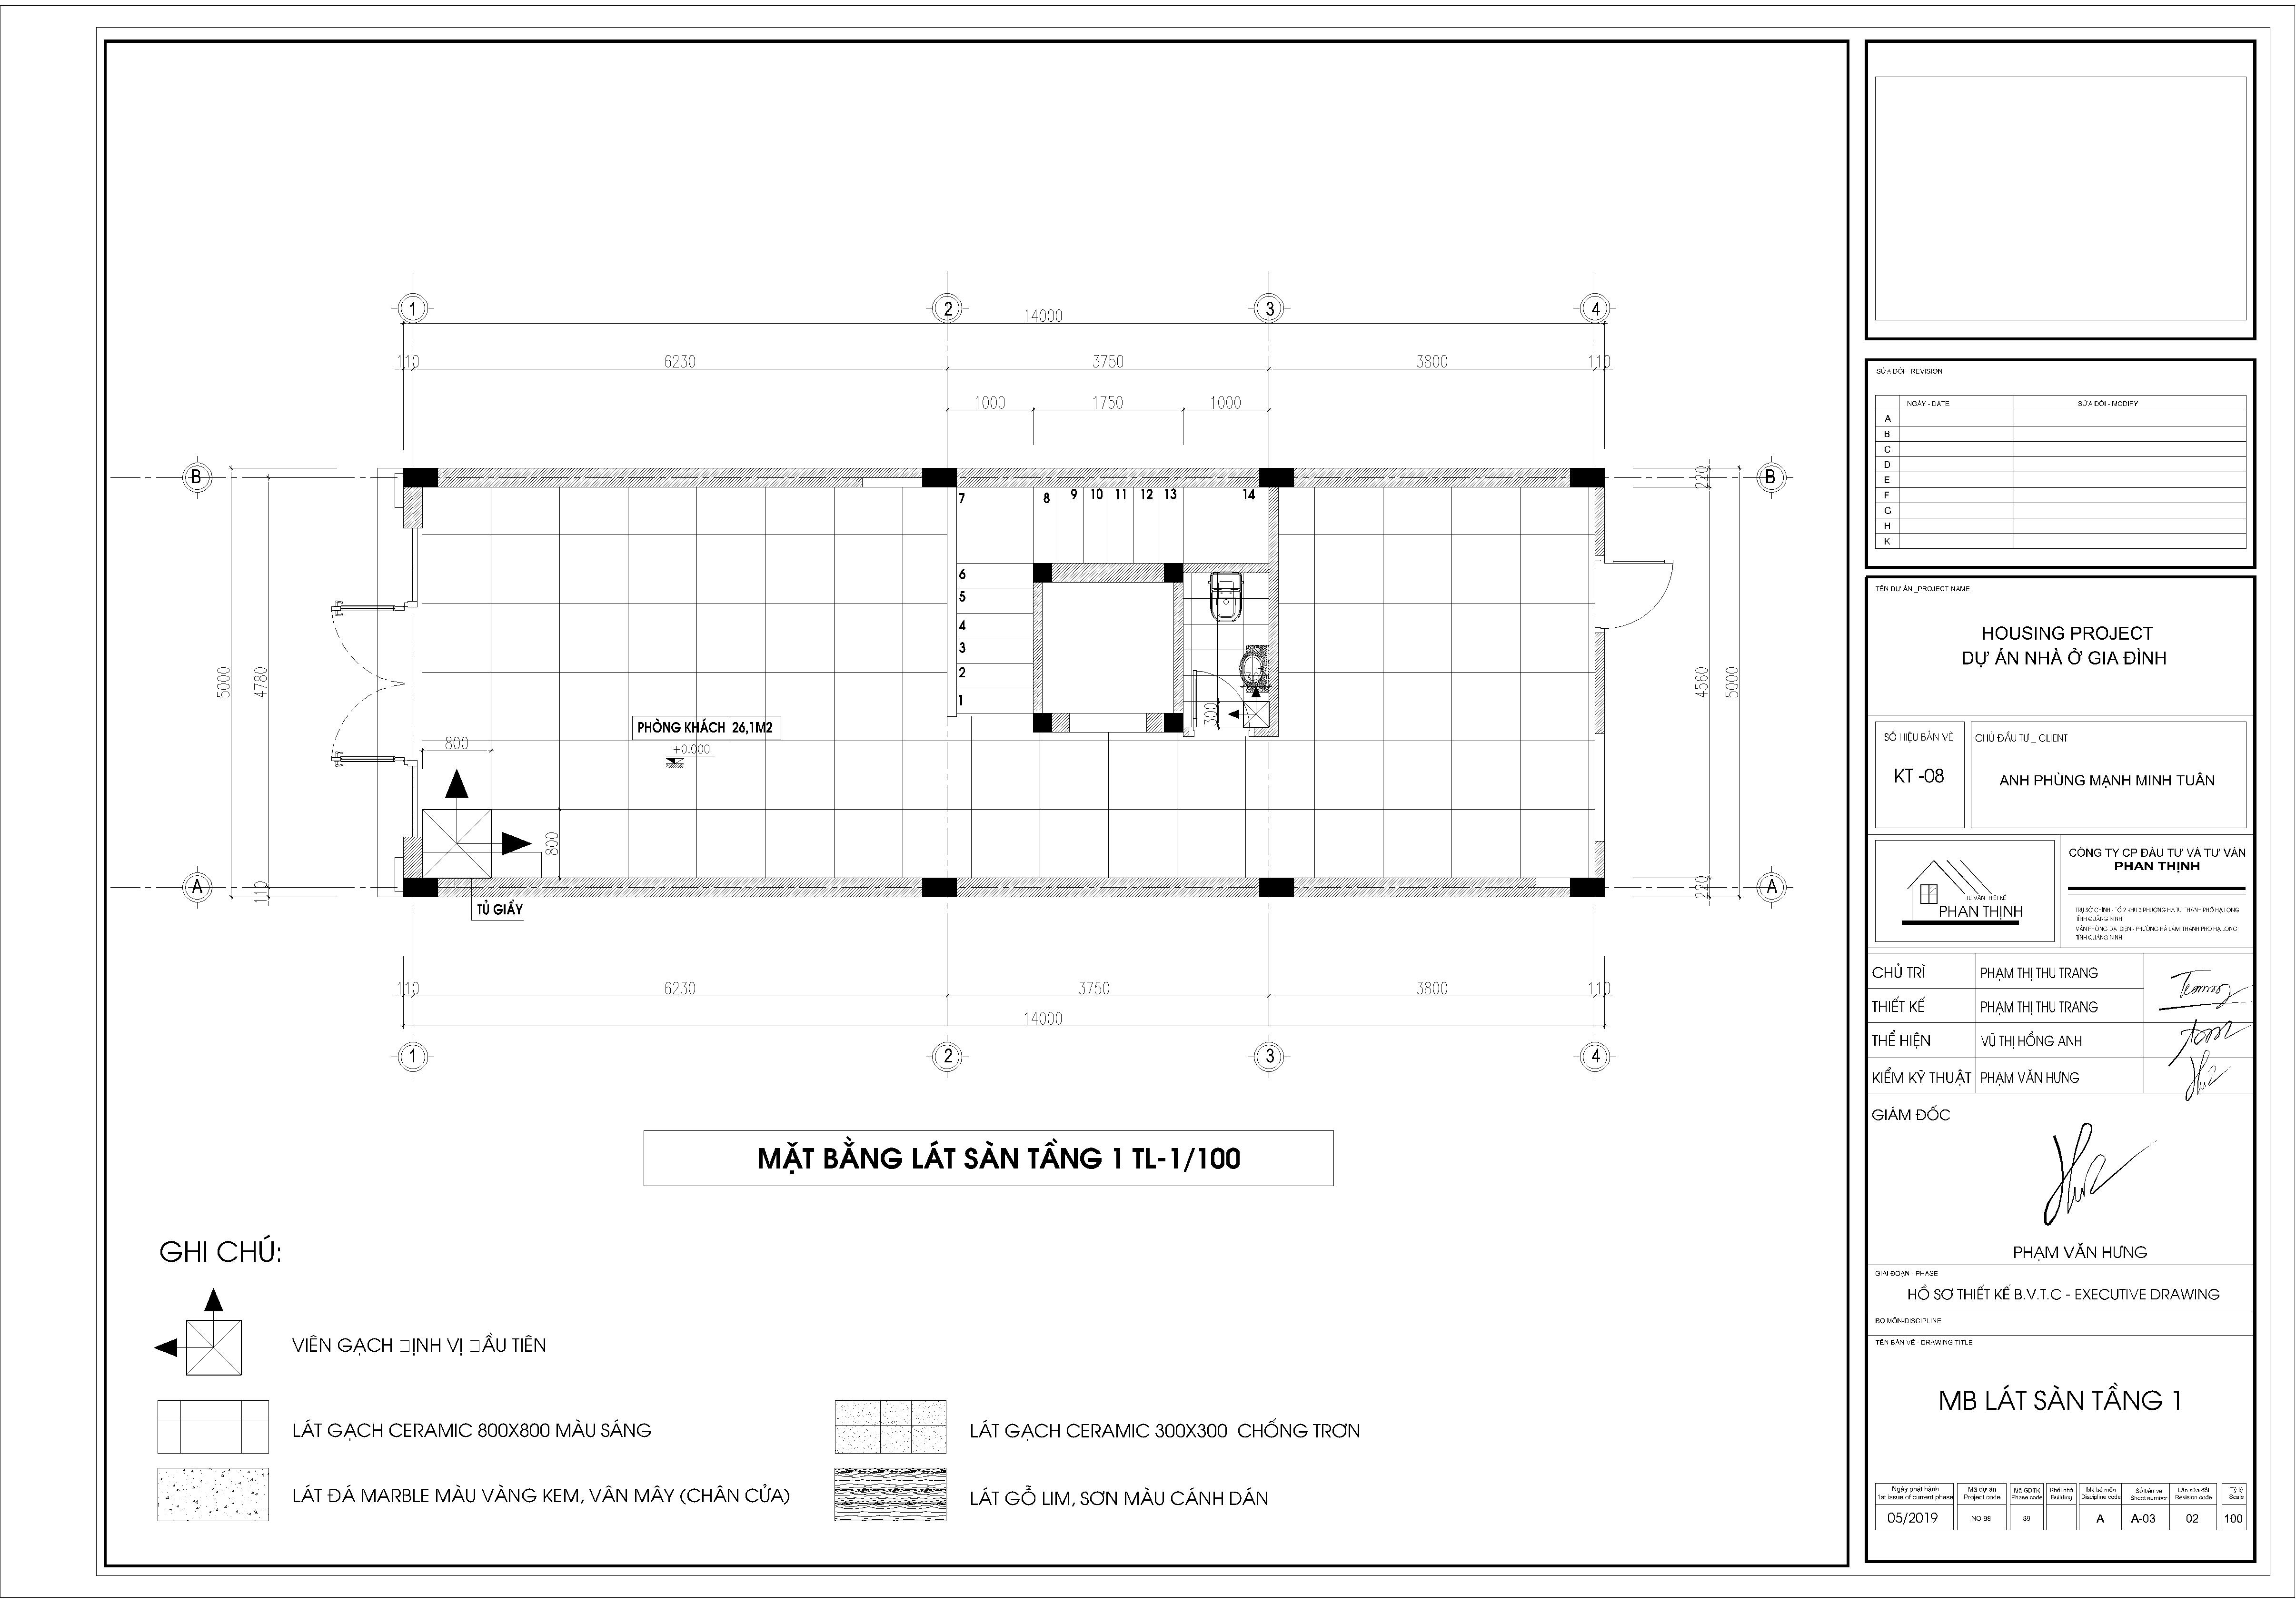 Mặt bằng thiết kế lát gạch tầng 1